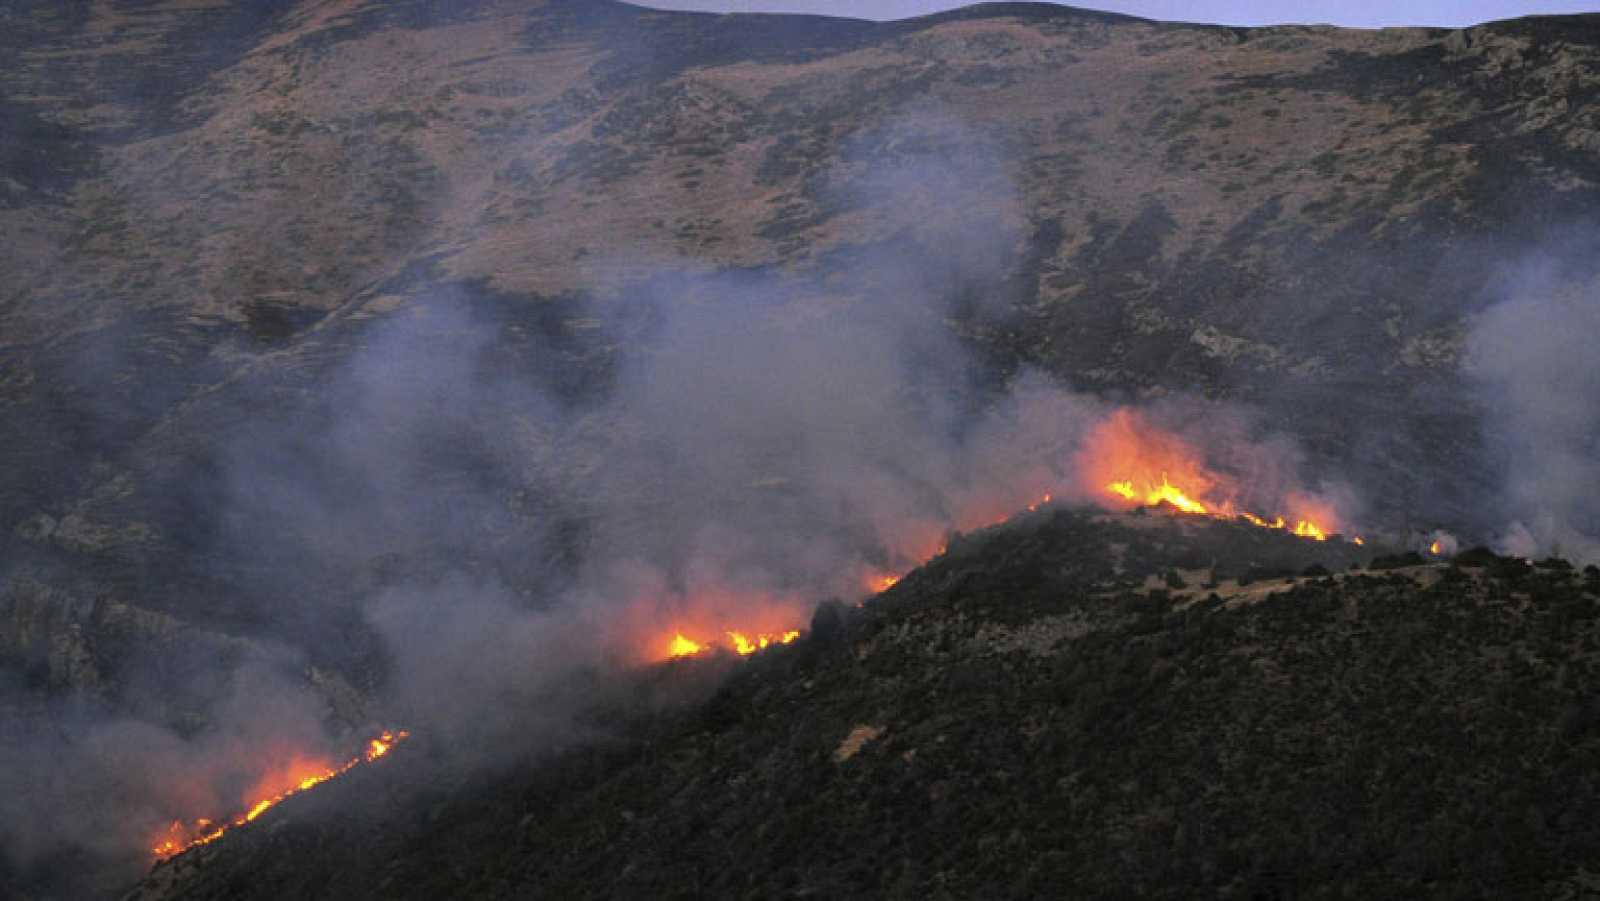 Los vecinos desalojados por los incendios de Huesca han comenzado a volver a sus casas